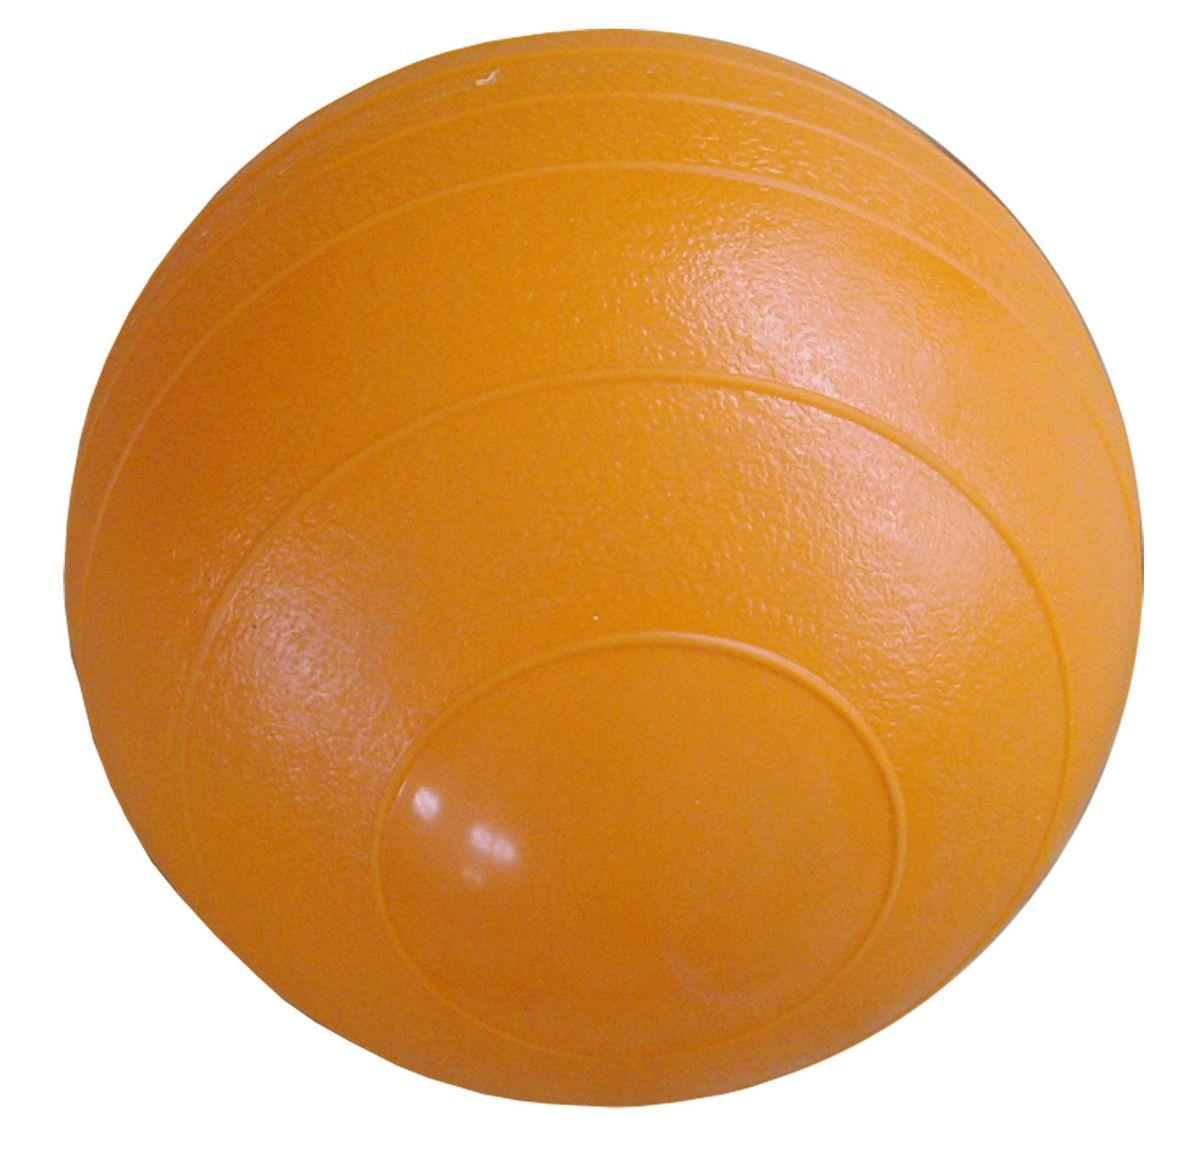 Фитнес бол Start Up FB4, 4 кг, 17 см326865Фитнес бол Start Up FB4 предназначен для укрепления мышц плечевого пояса, спины, рук и ног. Сверху выполнен из приятного на ощупь силикона. Наполнен металлической стружкой. Рельефная поверхность обеспечивает улучшенное сцепление. Размер фитнес бола можно изменить за счет подкачивания.Йога: все, что нужно начинающим и опытным практикам. Статья OZON Гид